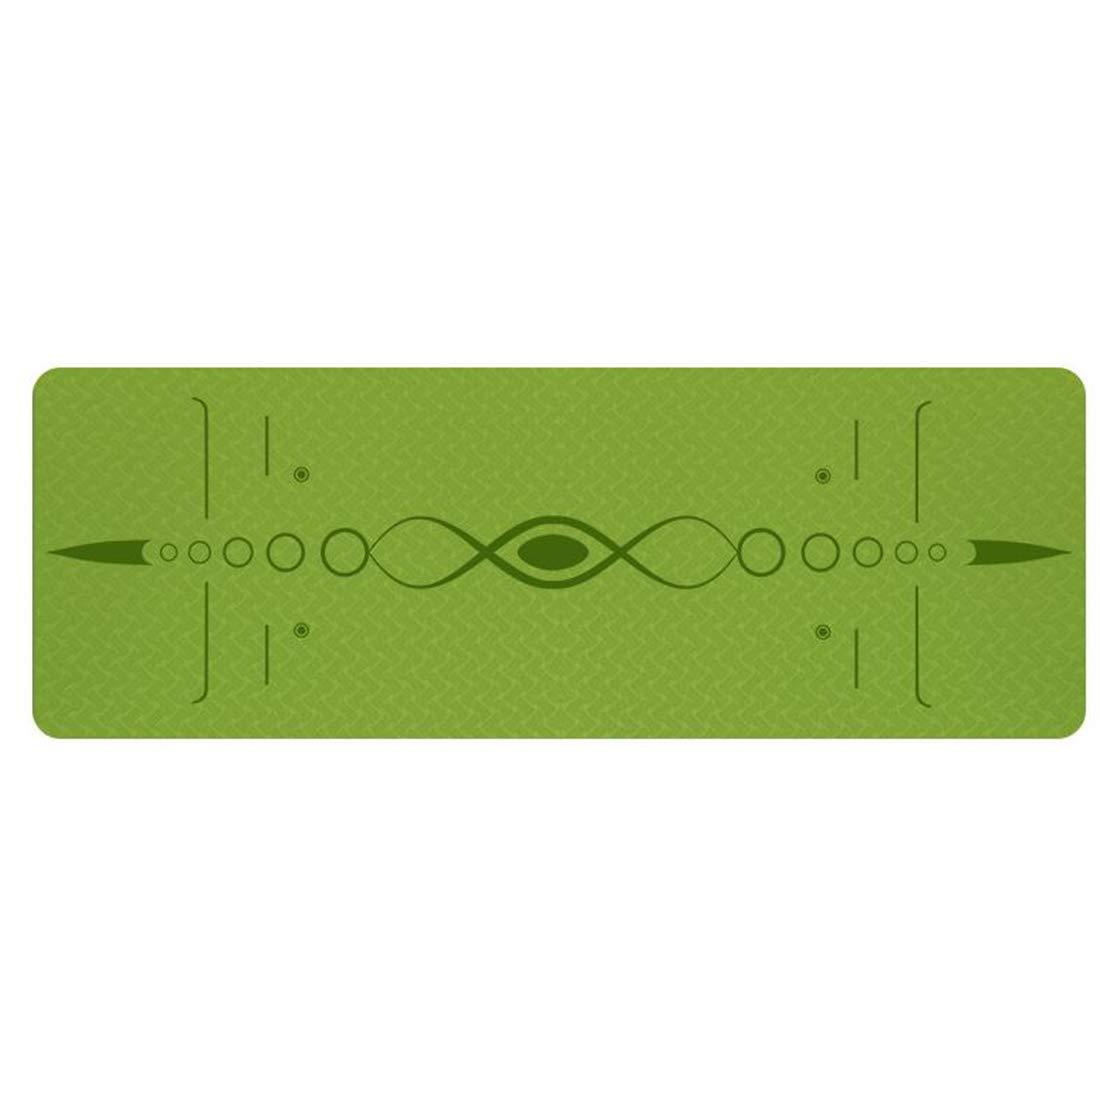 Mint vert Yajiemei Tapis de Yoga avec Sangle - Tapis de Yoga 6   8mm épais, antidérapant, léger, écologique, très Grand 72 X 24    72 X 31.5  pour Exercice de Fitness Yoga Pilates 183cmX66cm6mm